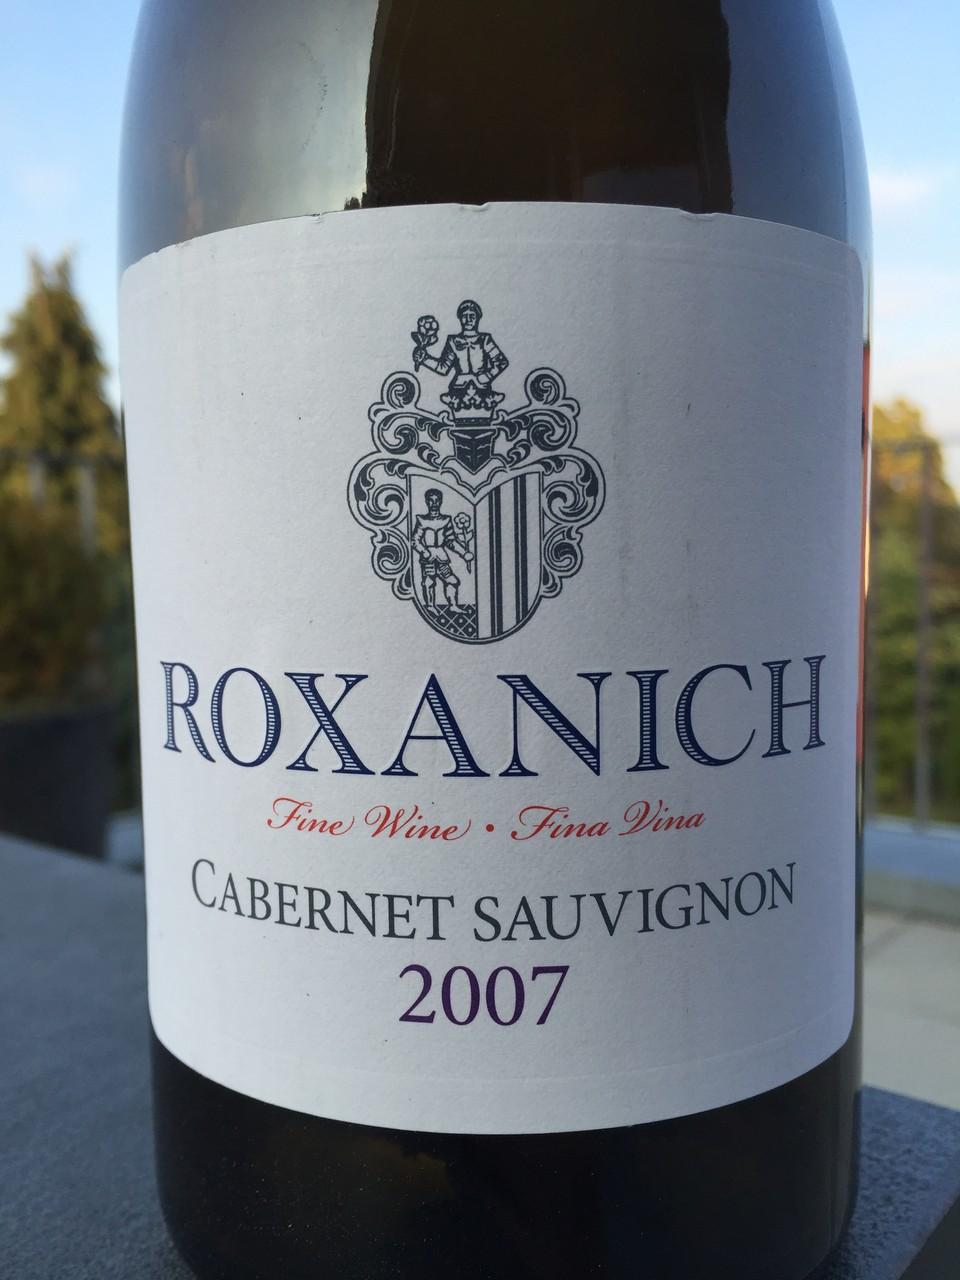 Cabernet Sauvignon, Roxanich, 2007